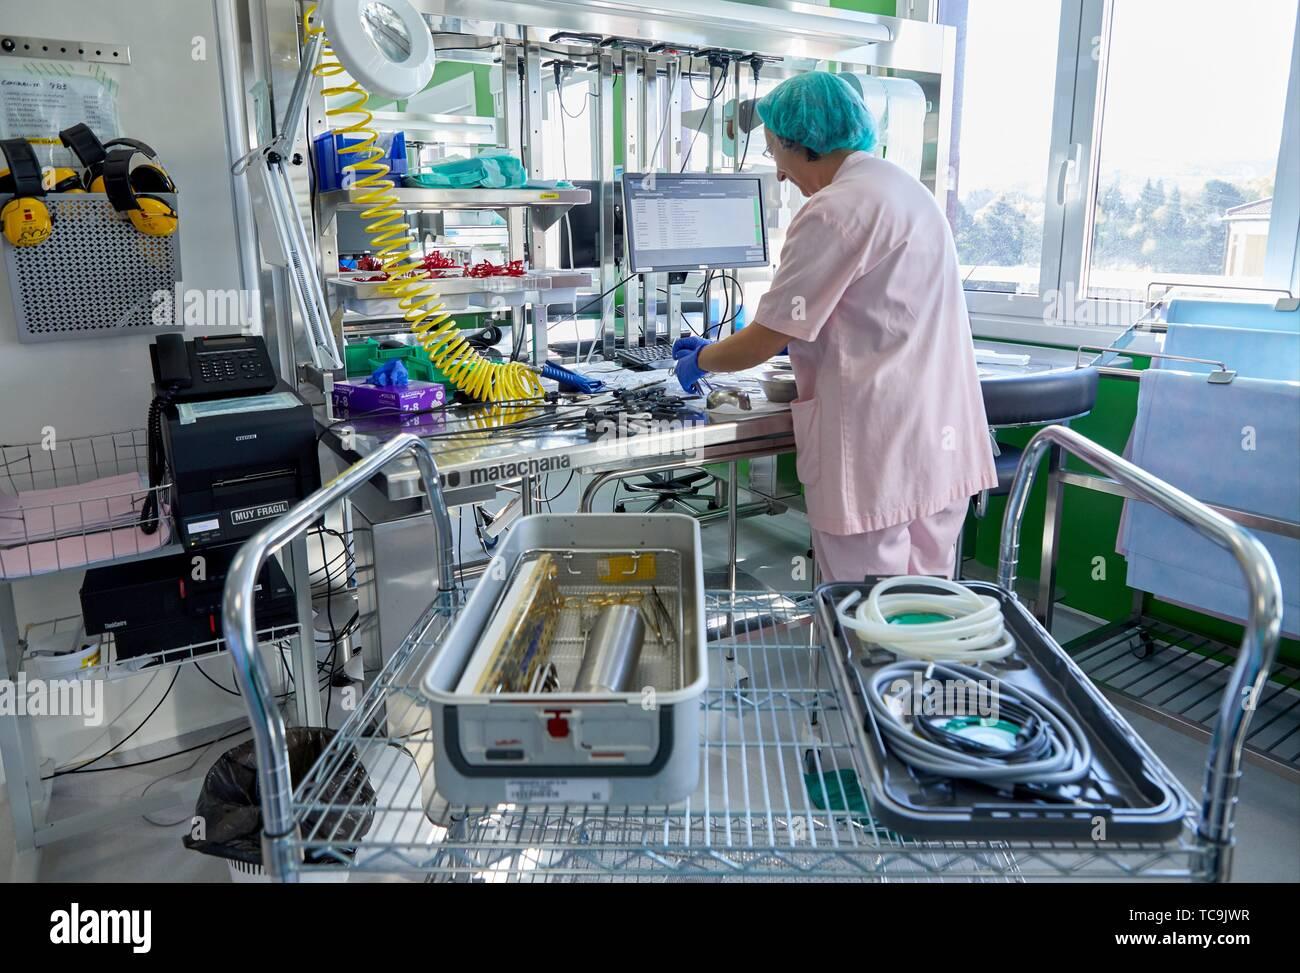 Materiale chirurgico, sterilizzazione, pulizia autoclave, Ospedale Donostia, San Sebastian, Gipuzkoa, Paesi Baschi Immagini Stock